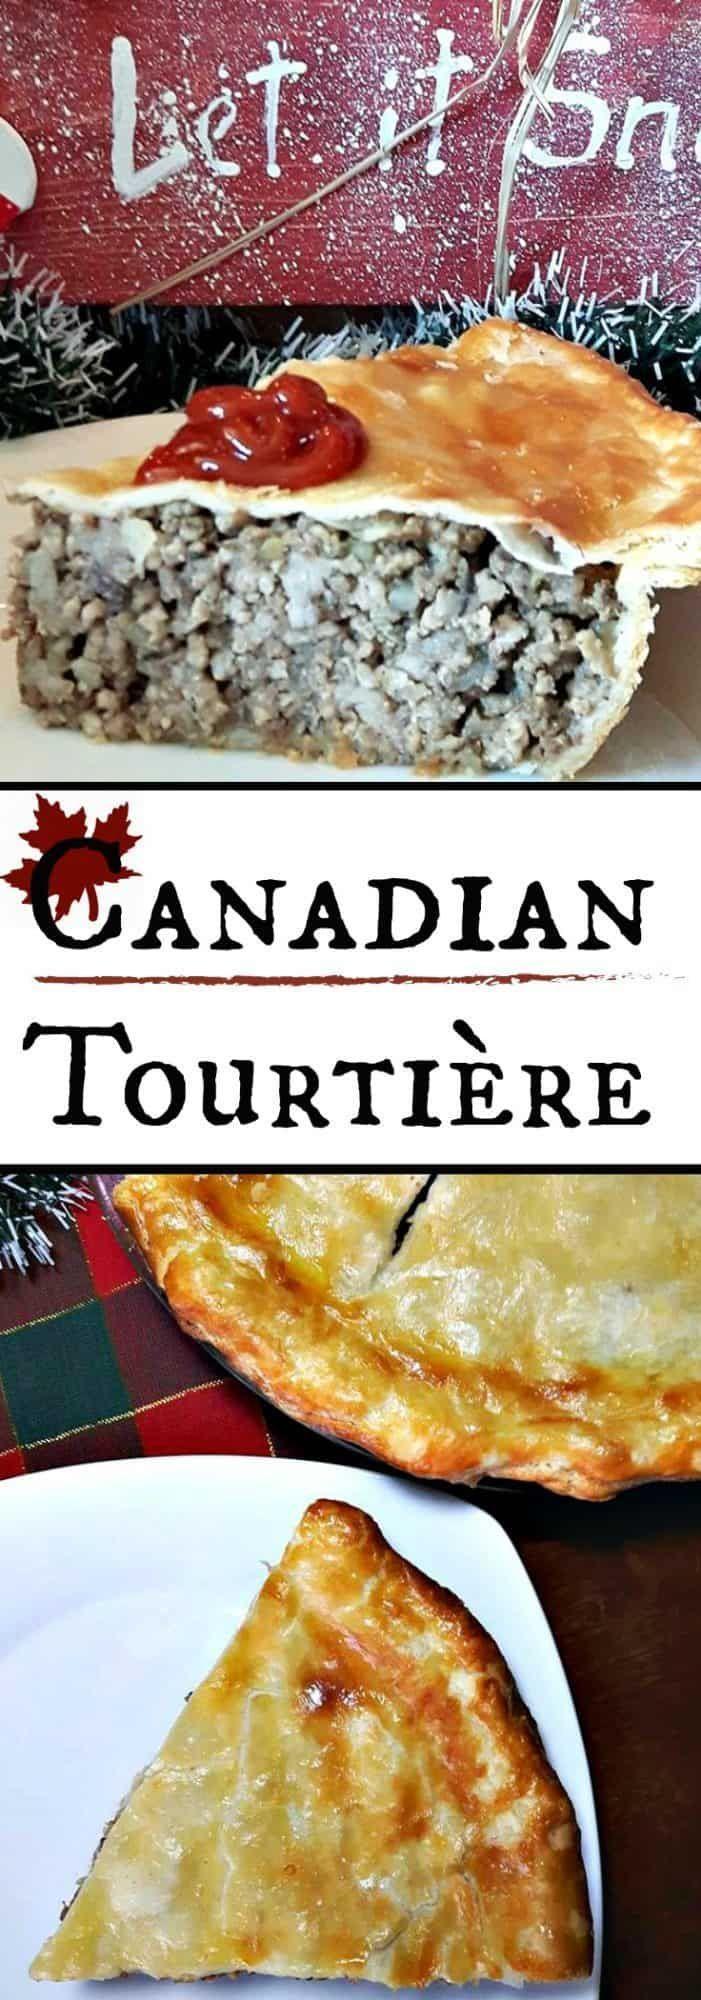 CANADIAN TOURTIÈRE CANADIAN TOURTIÈRE